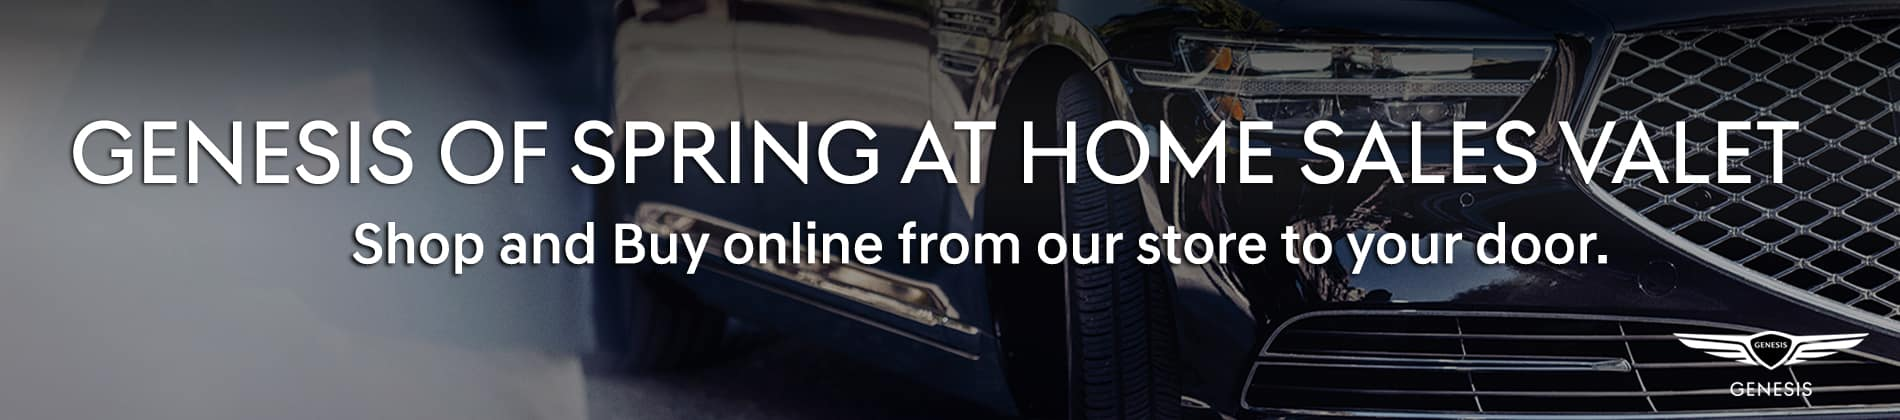 Genesis-of-spring-home-service-genesis-banner